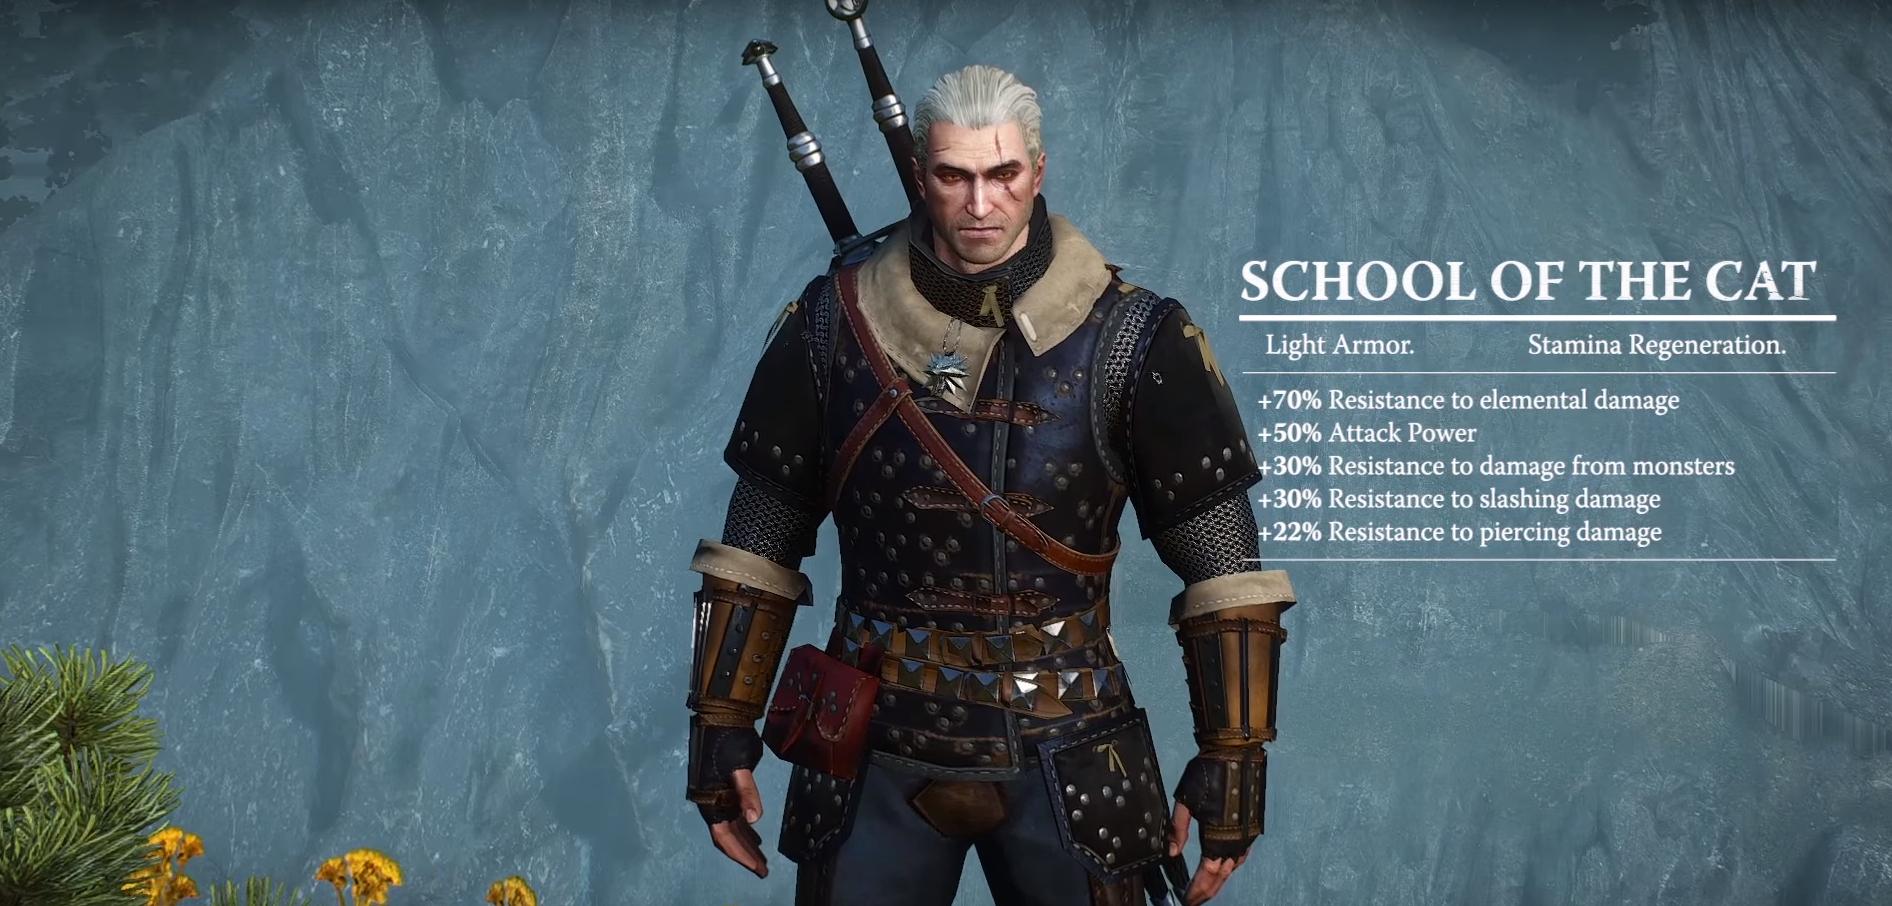 Cat School Gear | Witcher Wiki | FANDOM powered by Wikia